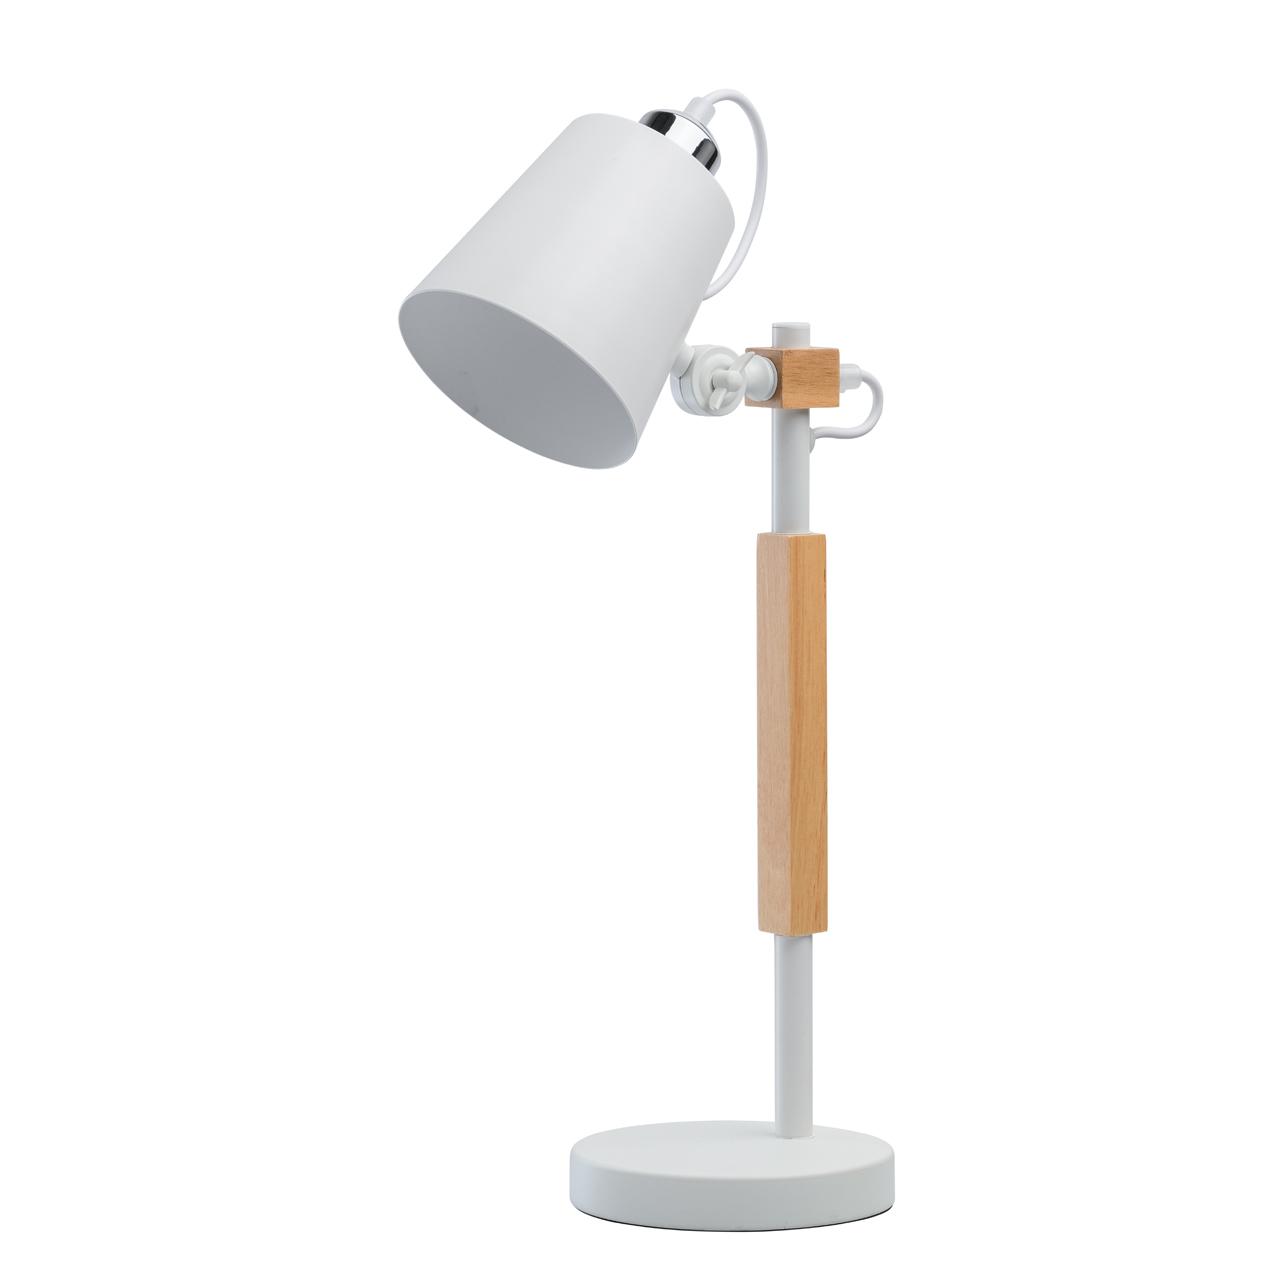 Фото - Лампа настольная MW-Light 693031401 1/8w e27 настольная лампа mw light салон